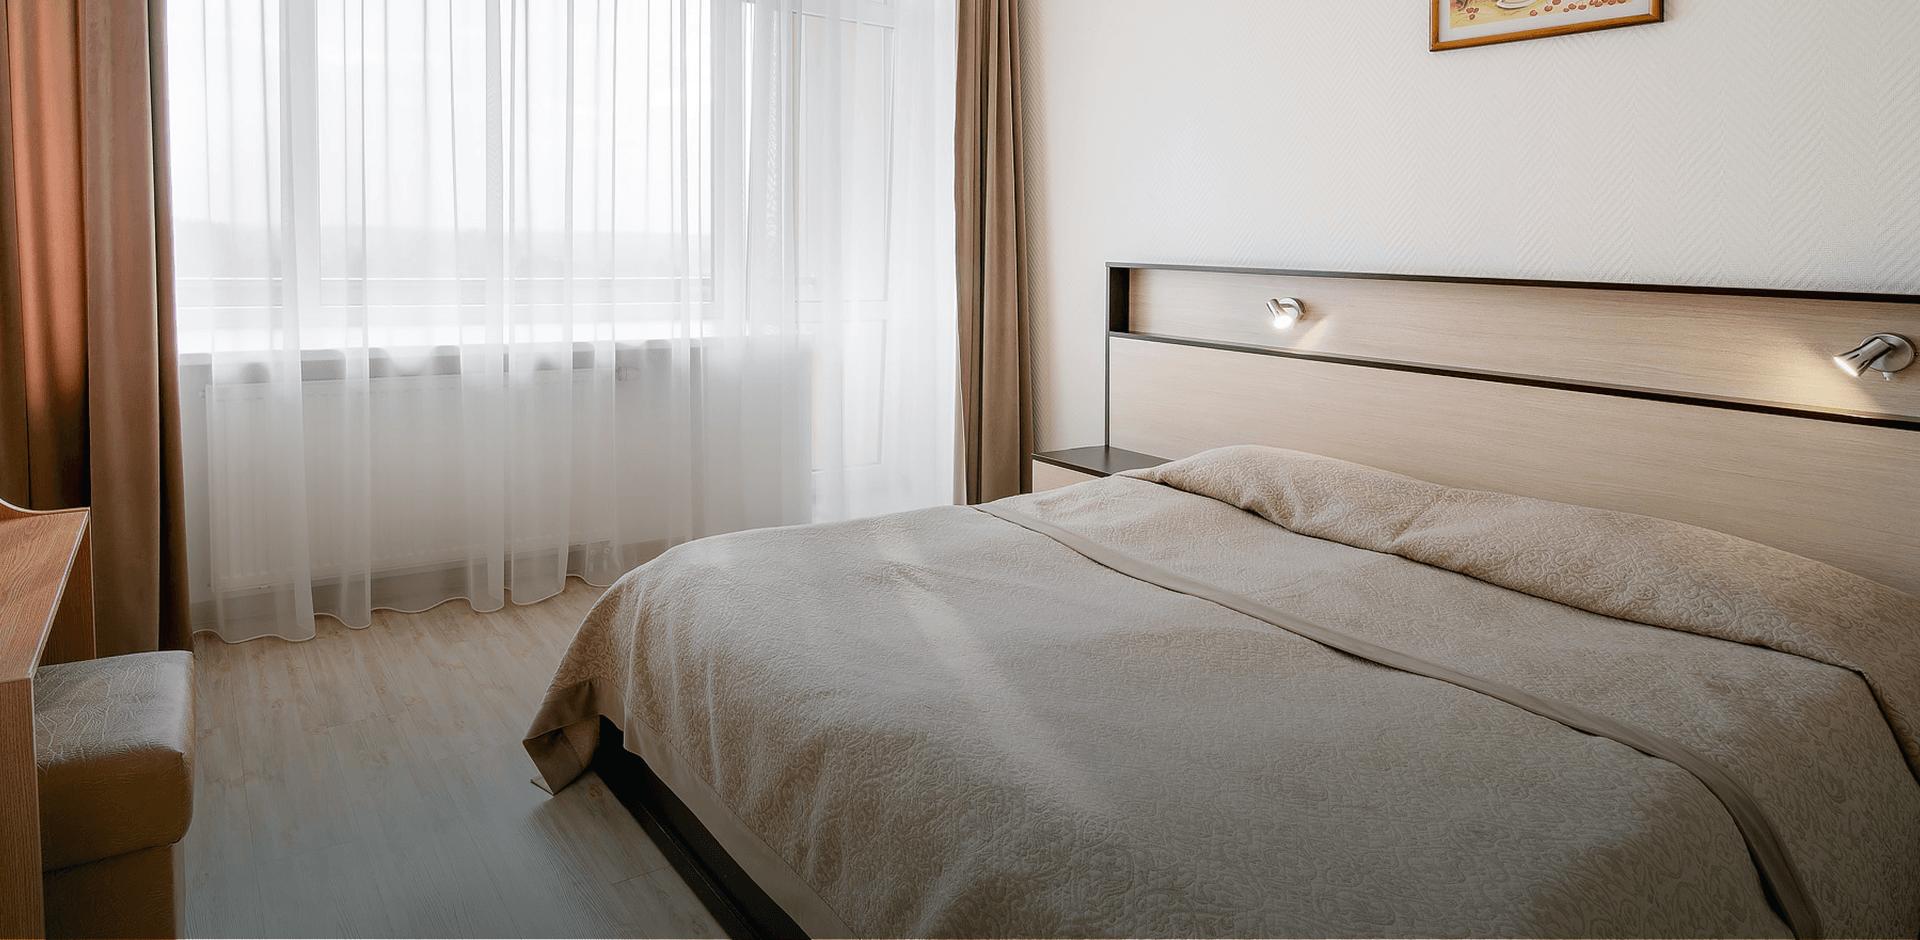 viesbucio kambarys Druskininkuose